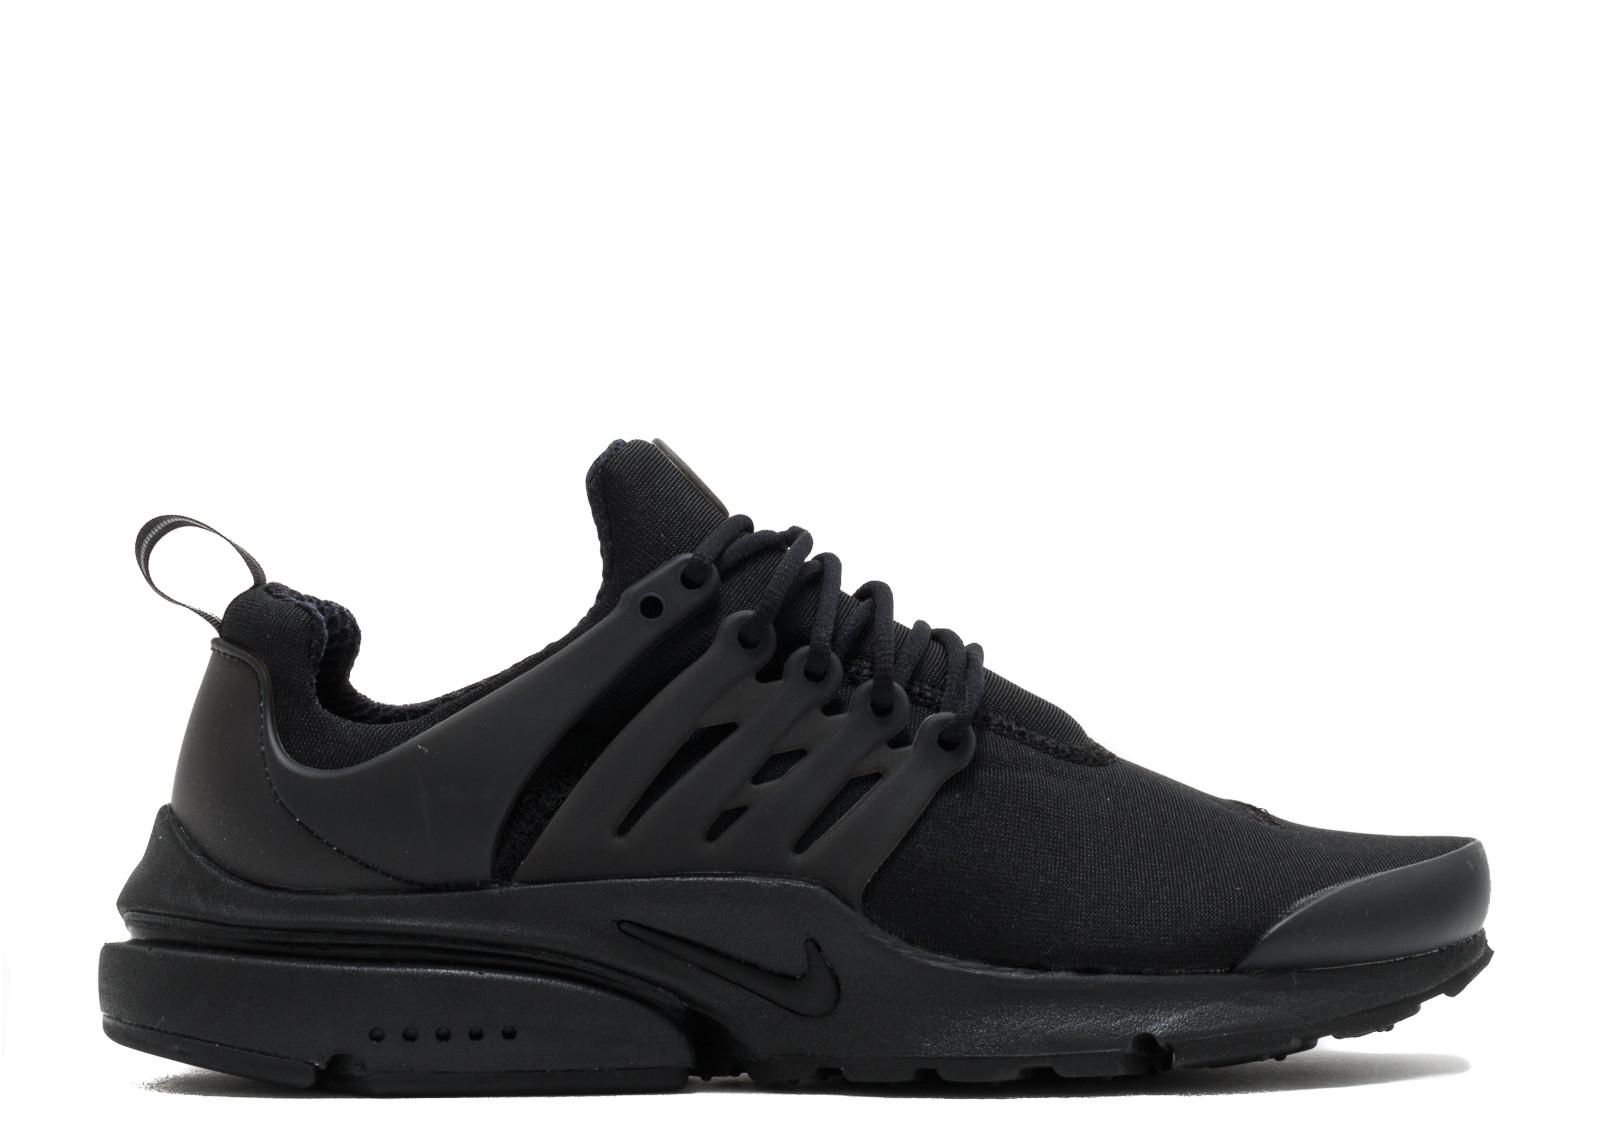 ナイキ エアー プレスト エッセンシャル 黒 ブラック メンズ 男性用 靴 メンズ靴 スニーカー 【 NIKE AIR BLACK PRESTO ESSENTIAL 】